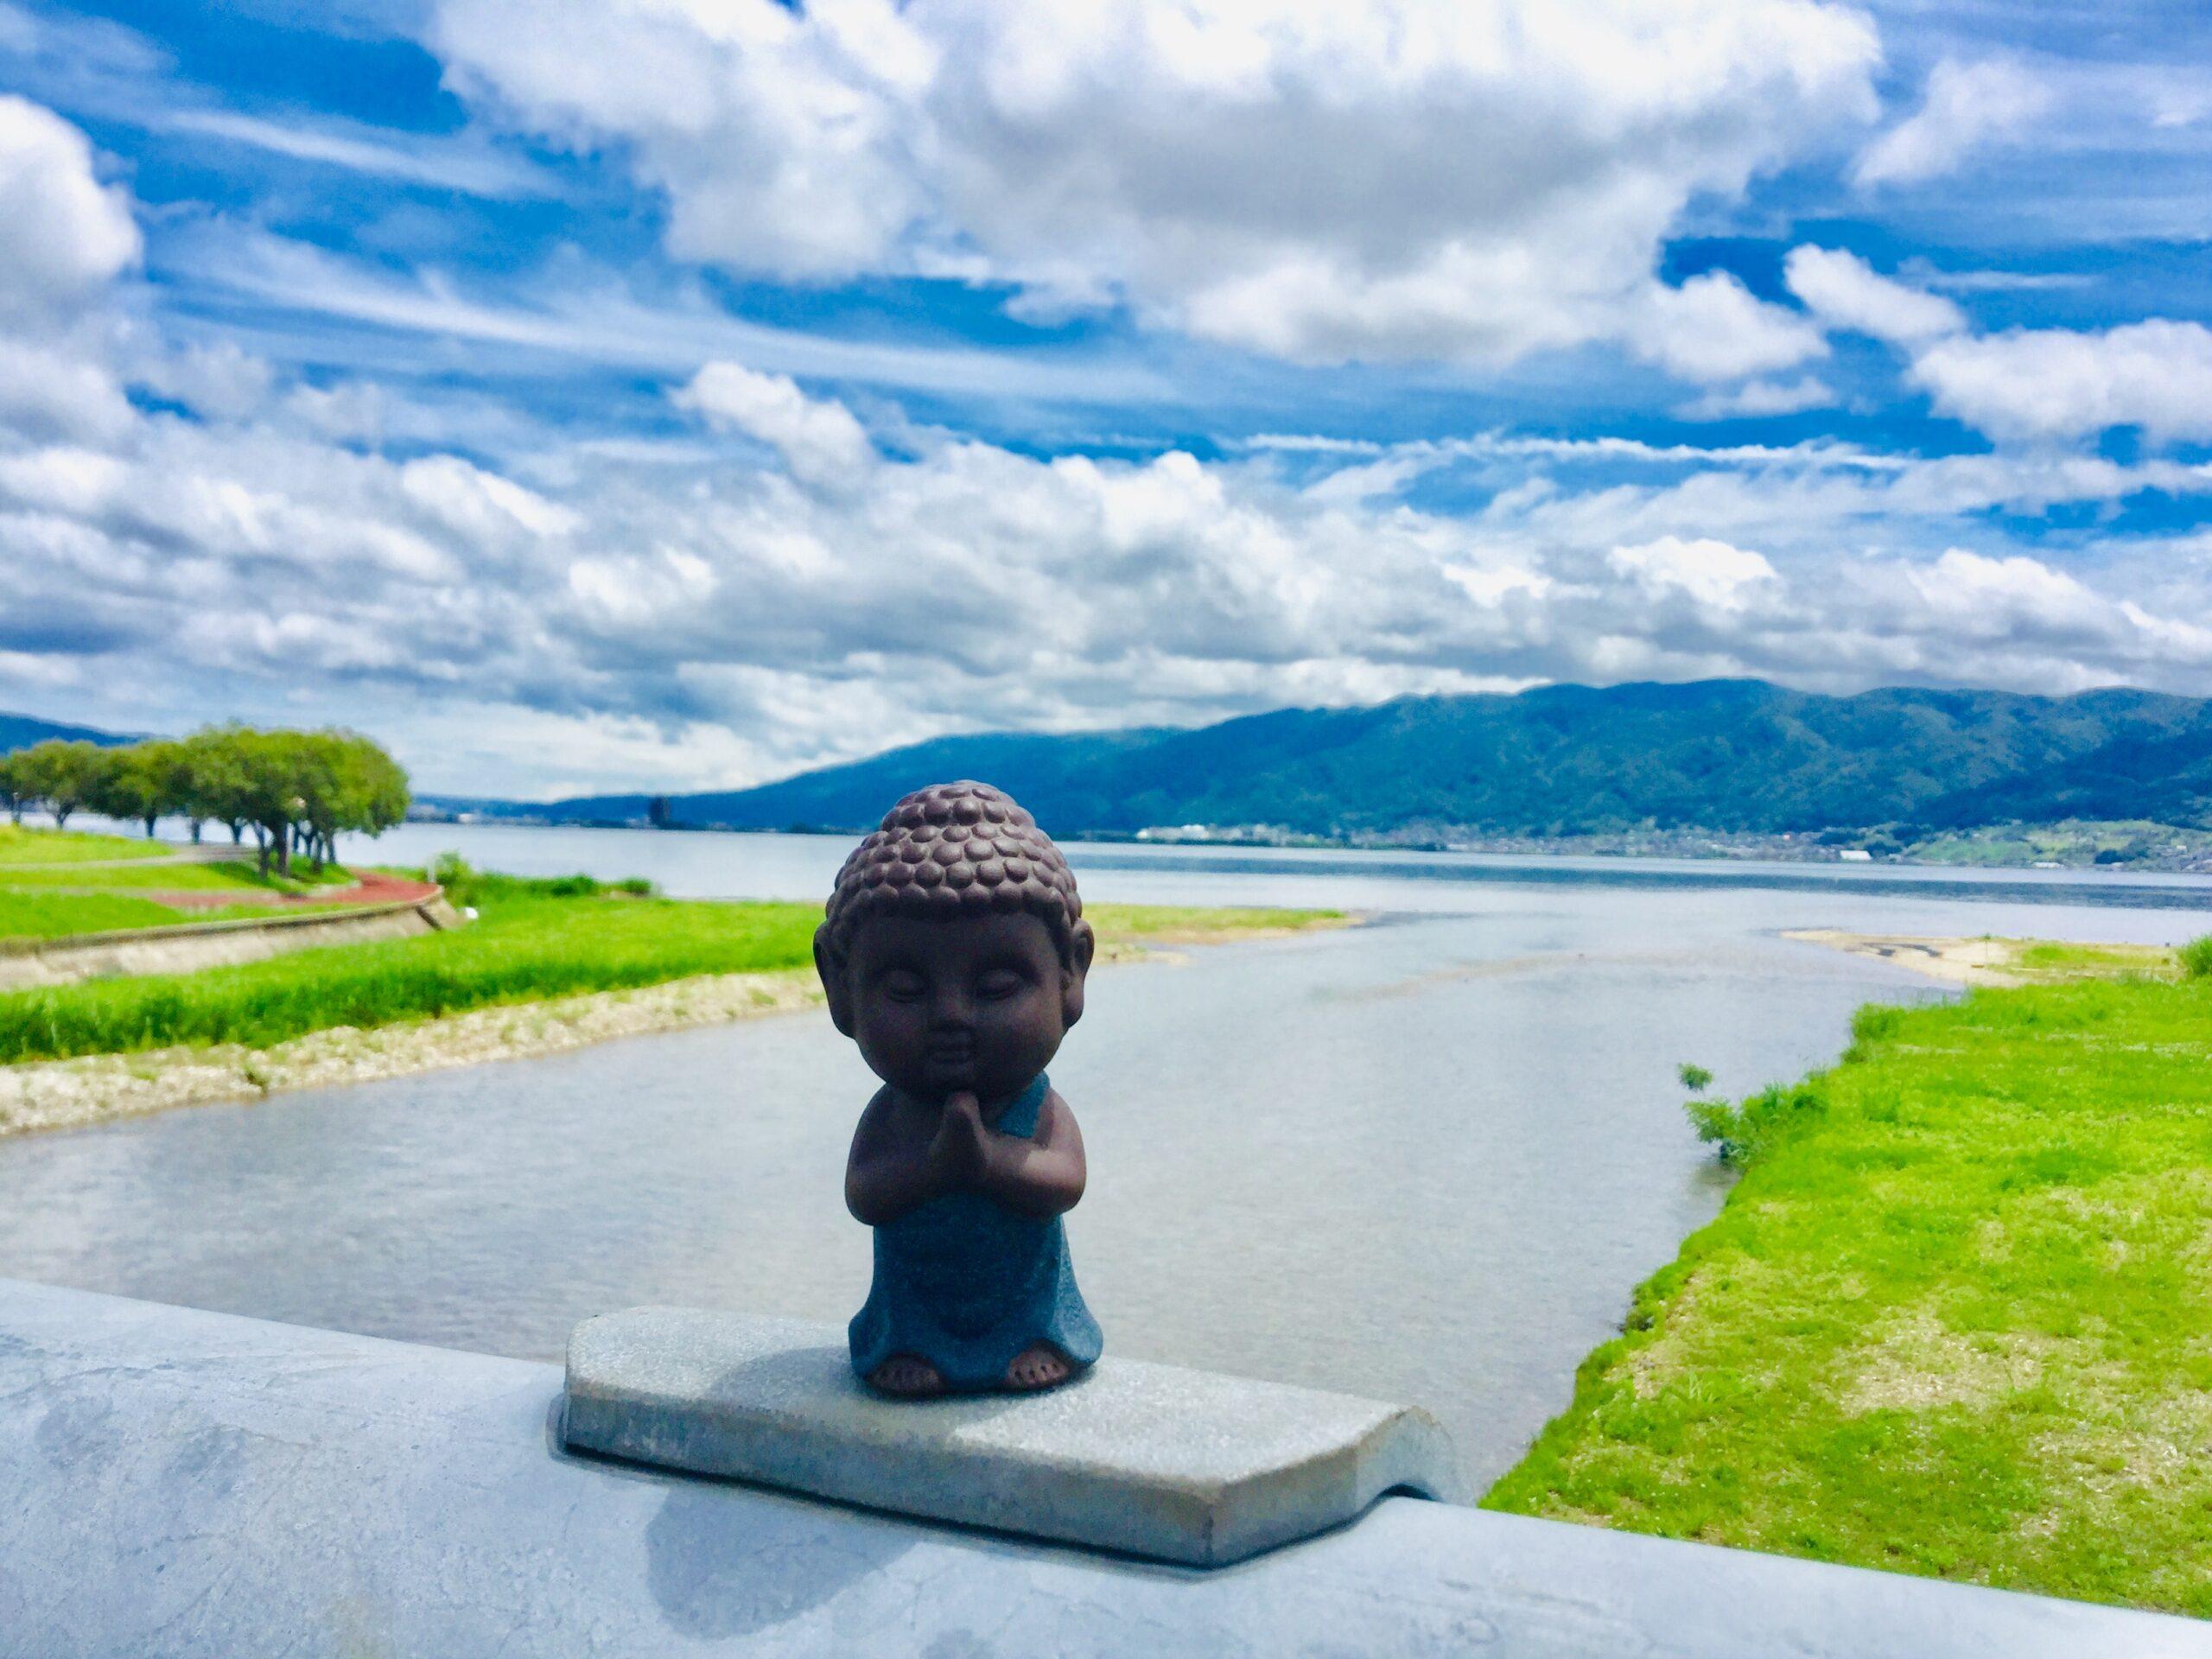 諏訪湖とお釈迦様